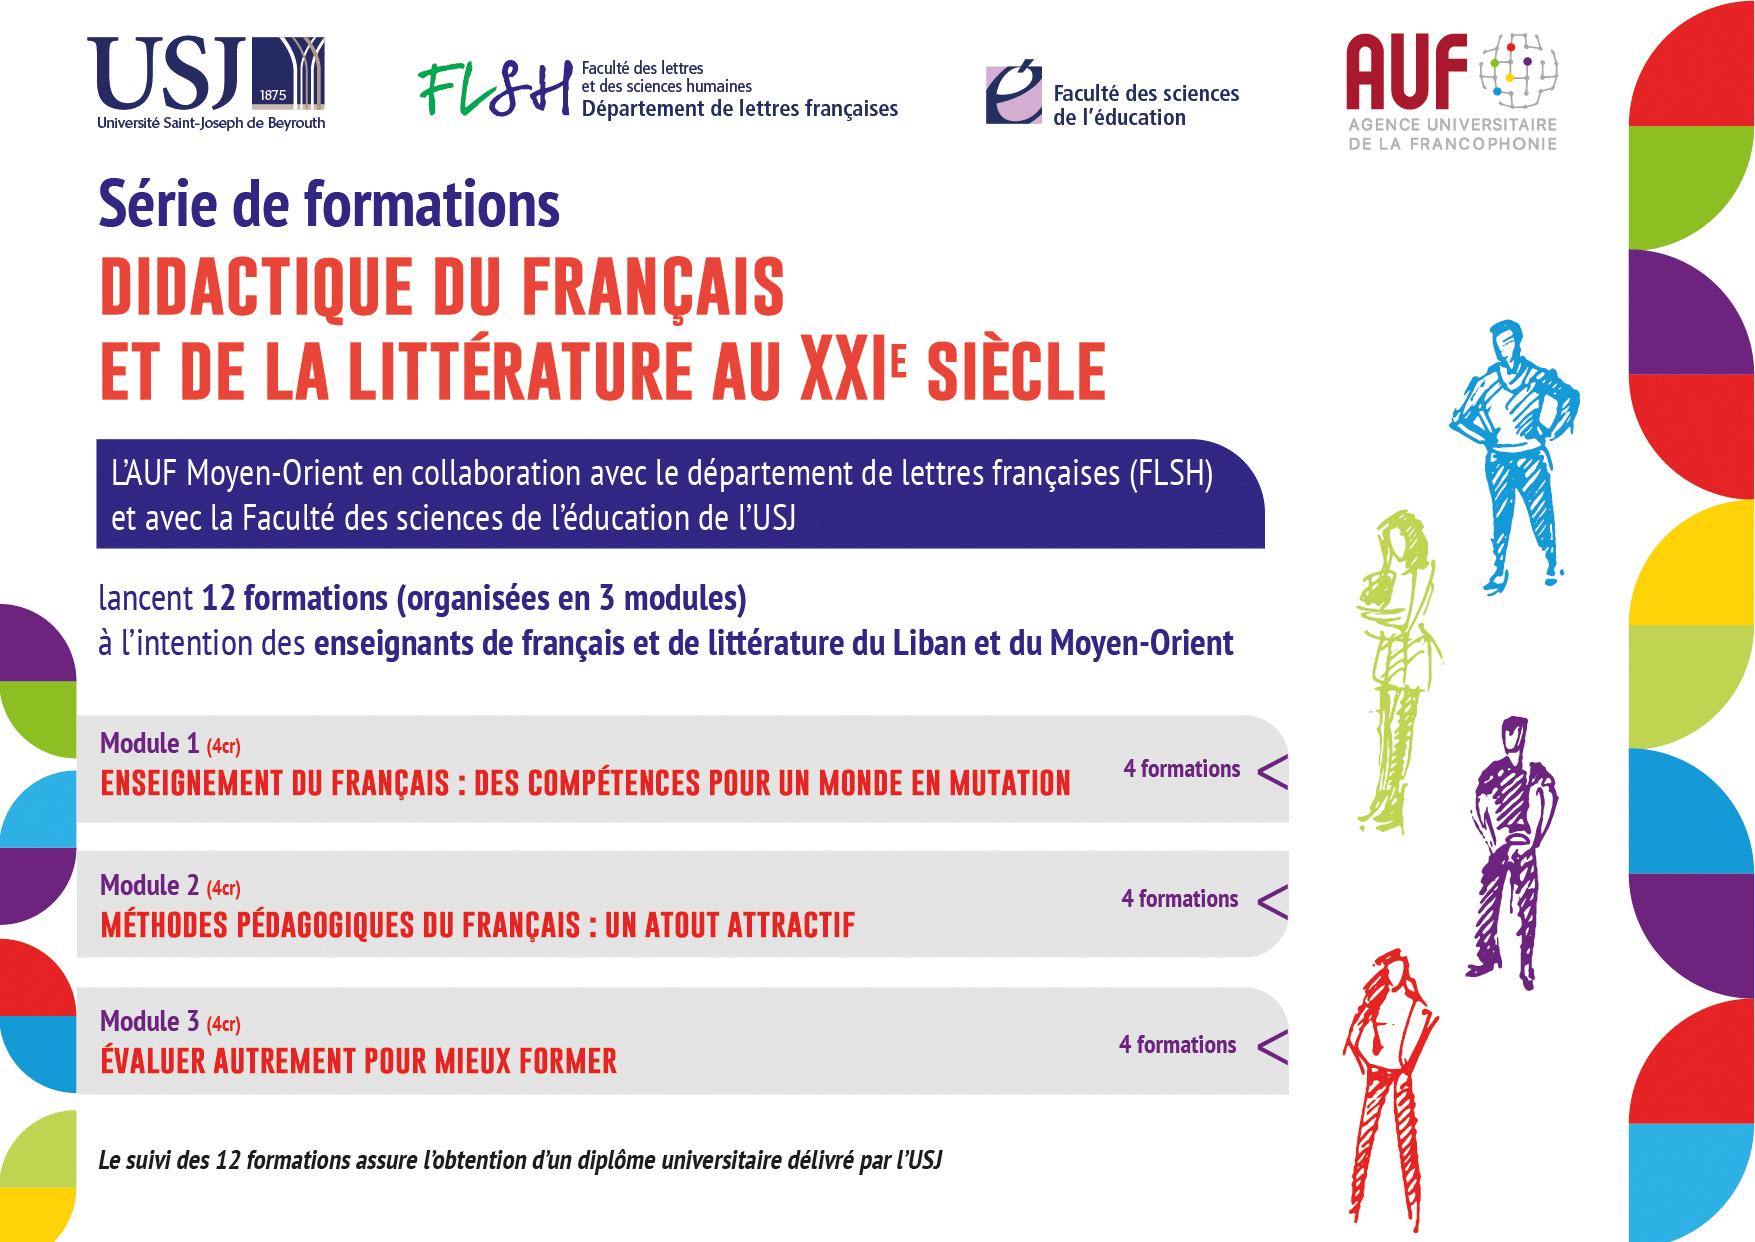 FLSH Affiche Didactique du français 2021